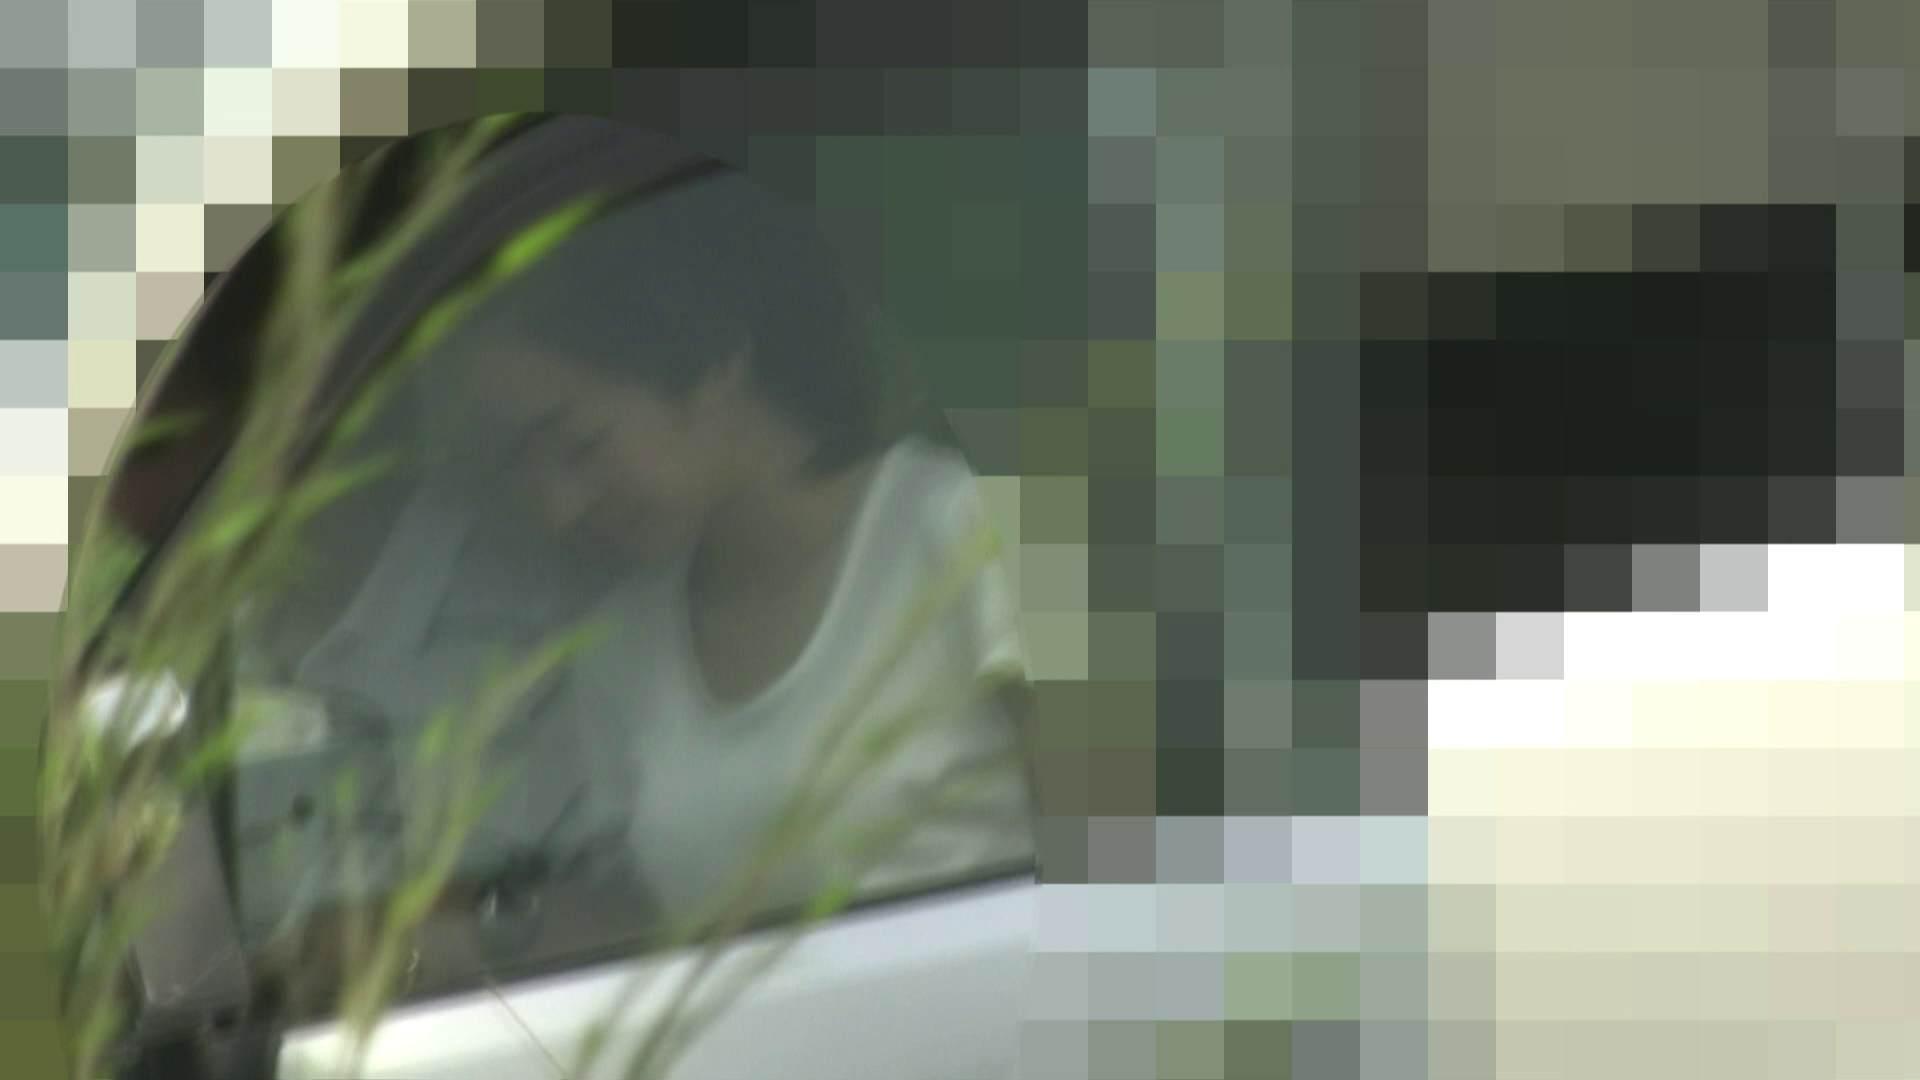 高画質露天女風呂観察 vol.027 高画質 覗きぱこり動画紹介 72画像 11